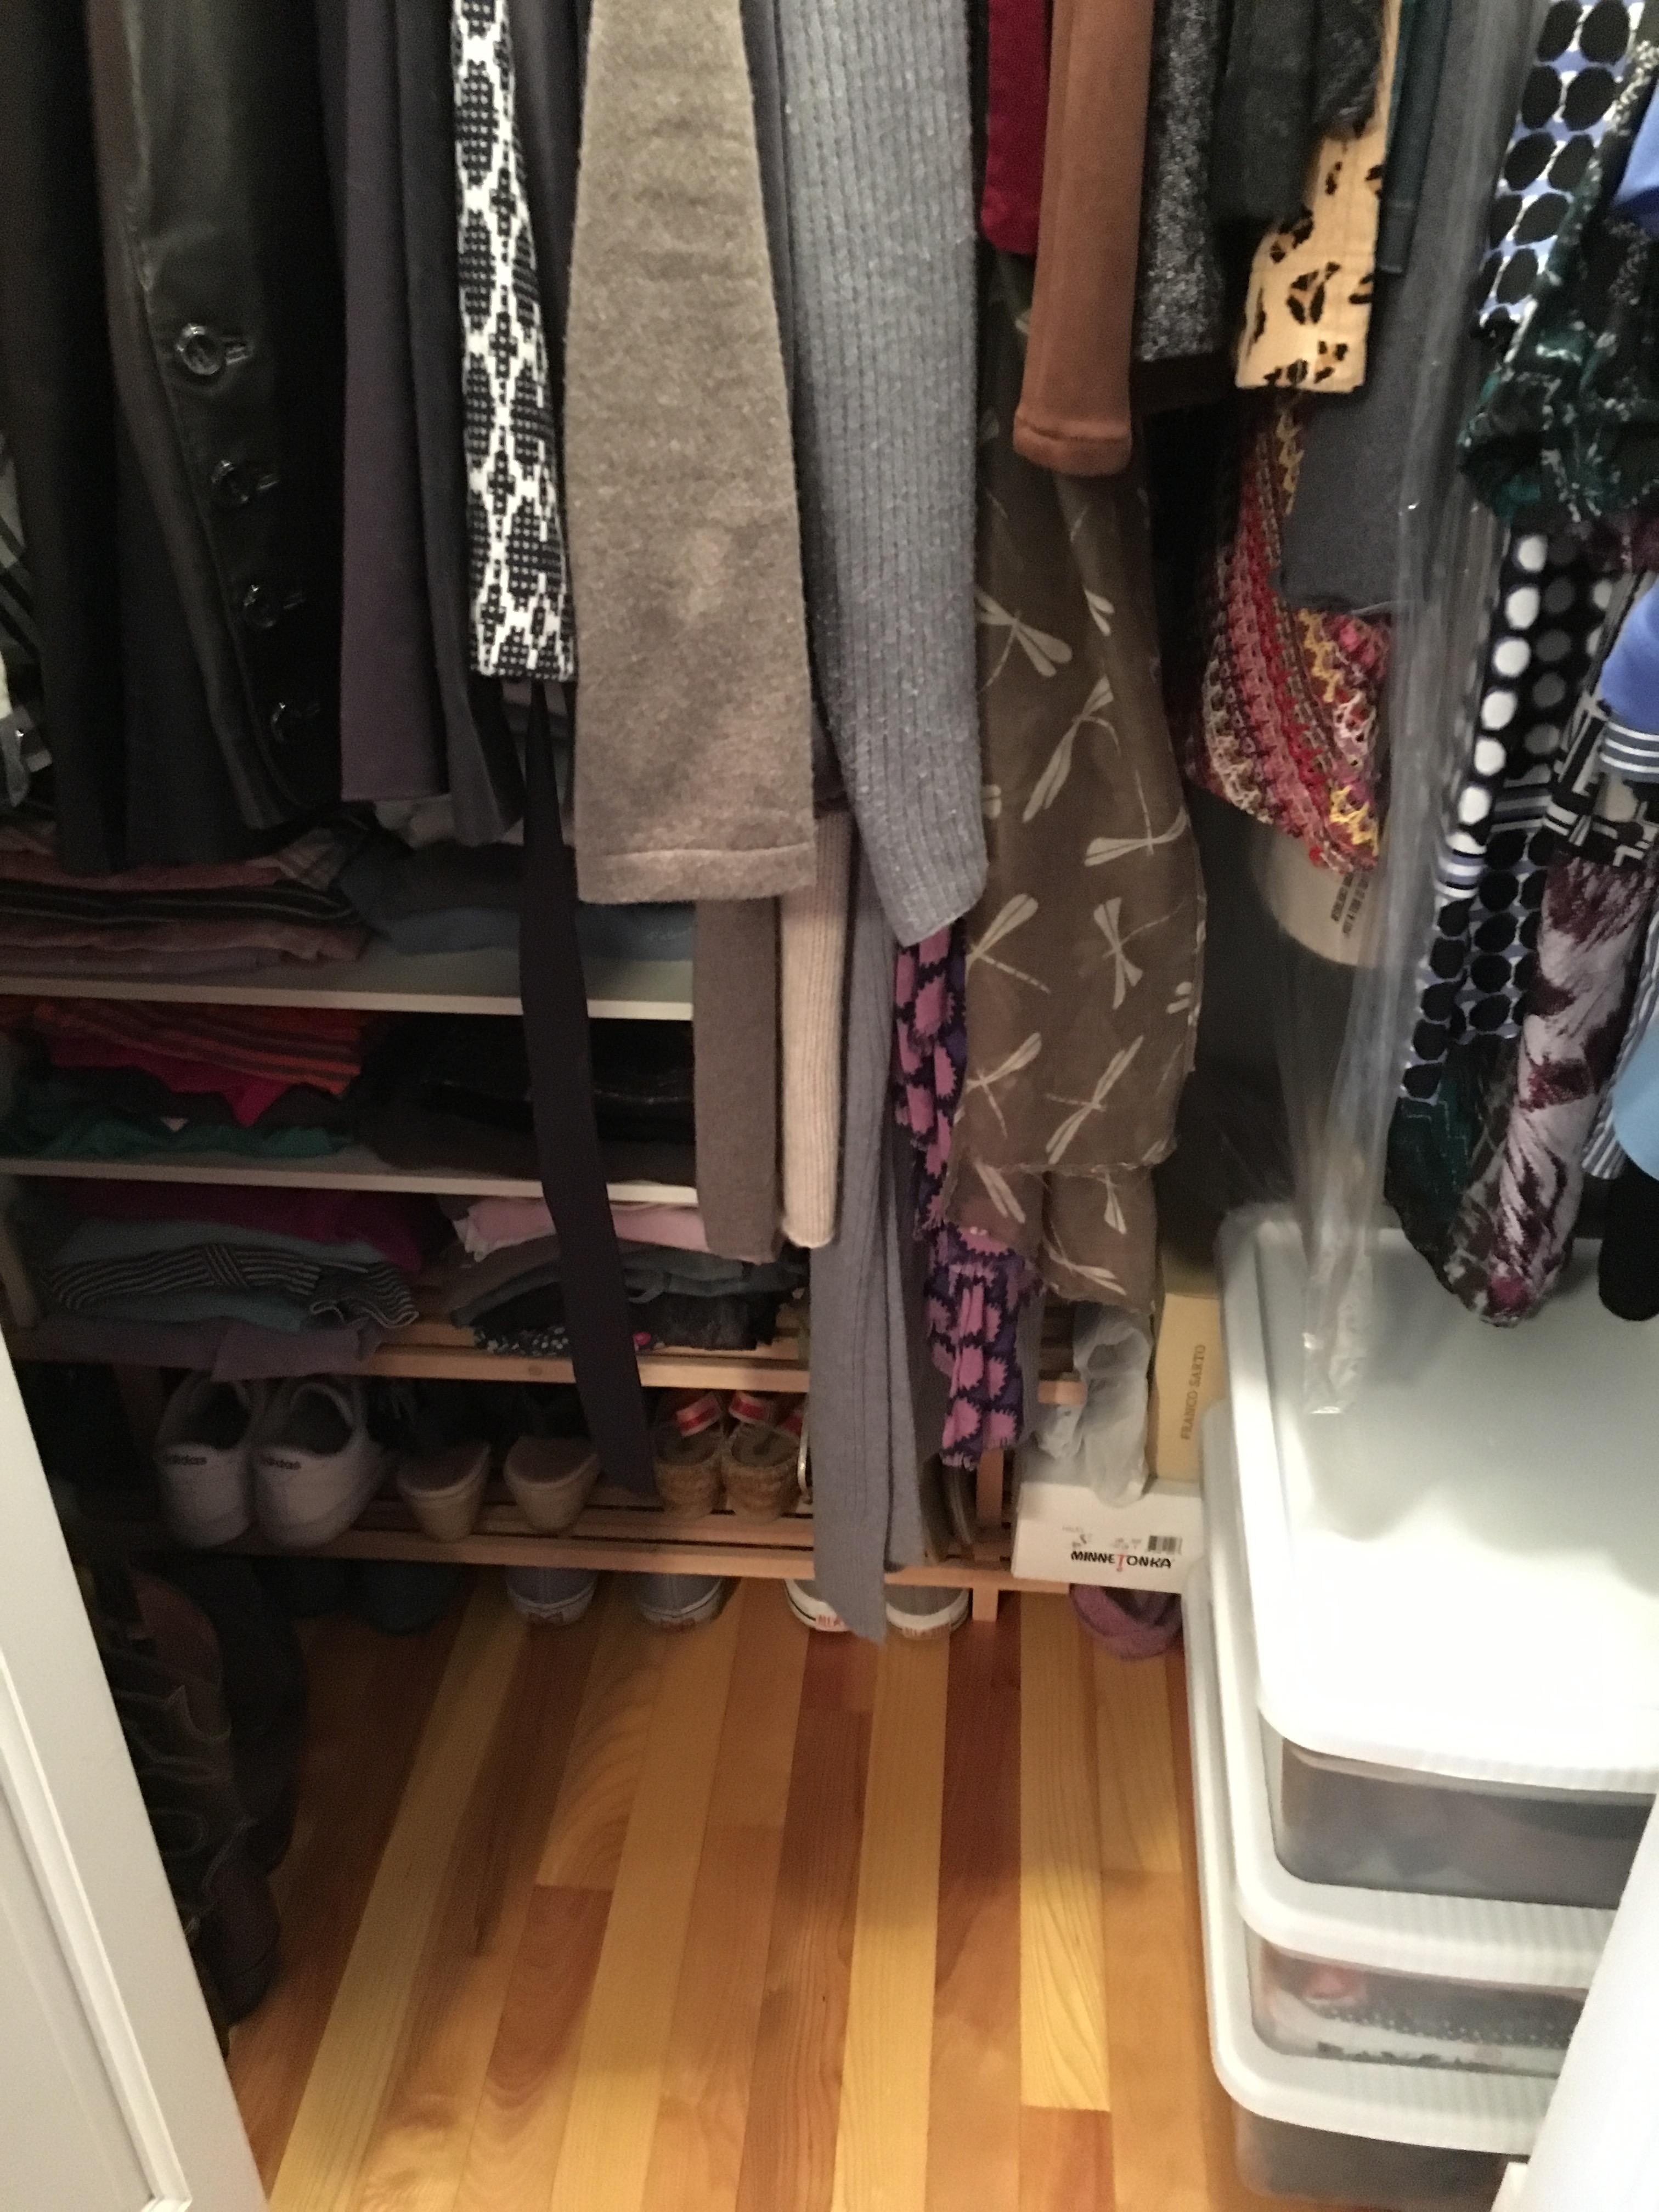 ndwc closet 3